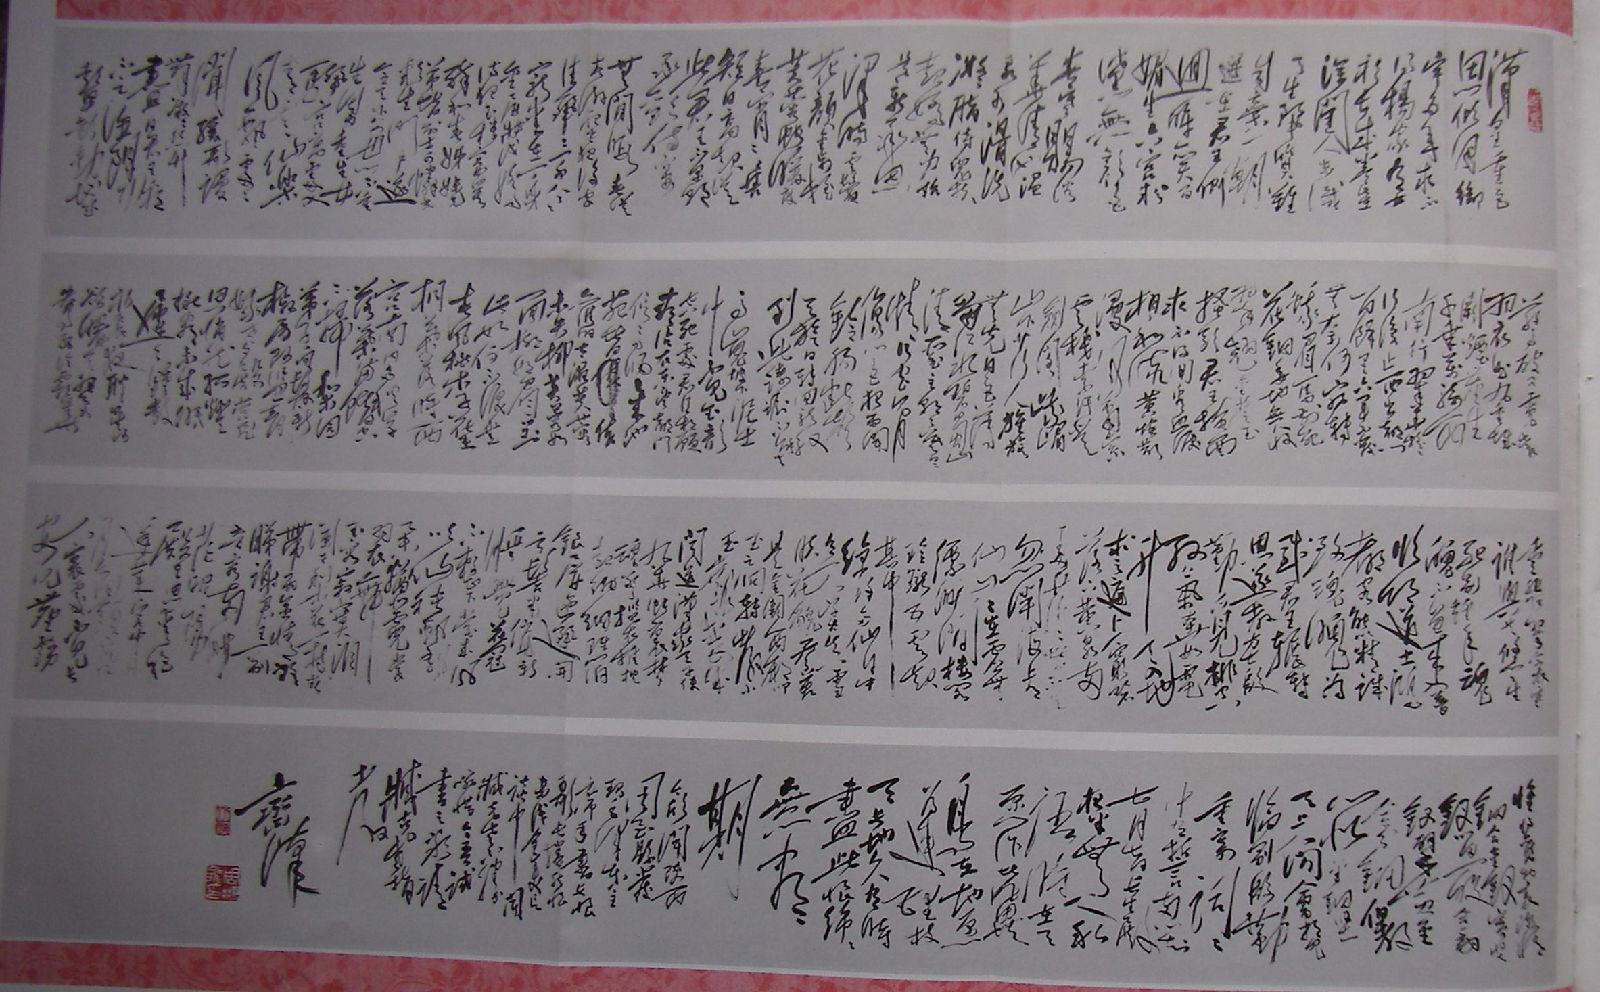 白居易琵琶行朗�_急求沈鹏书法作品长恨歌、琵琶行高清图。_百度知道